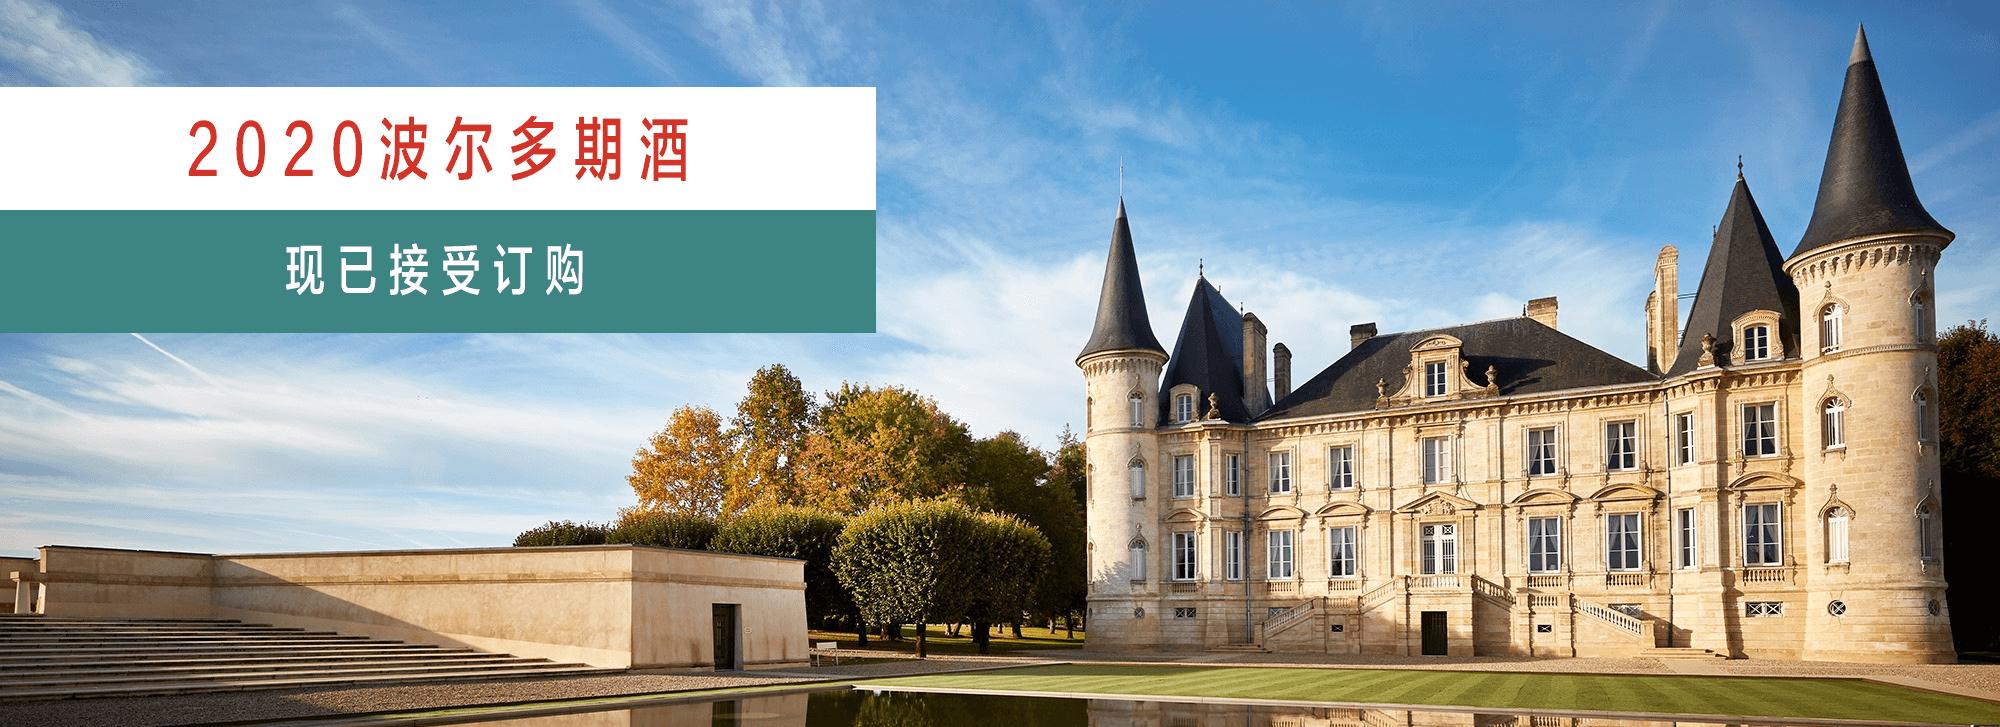 Bordeaux 2020 En Primeur offer banner